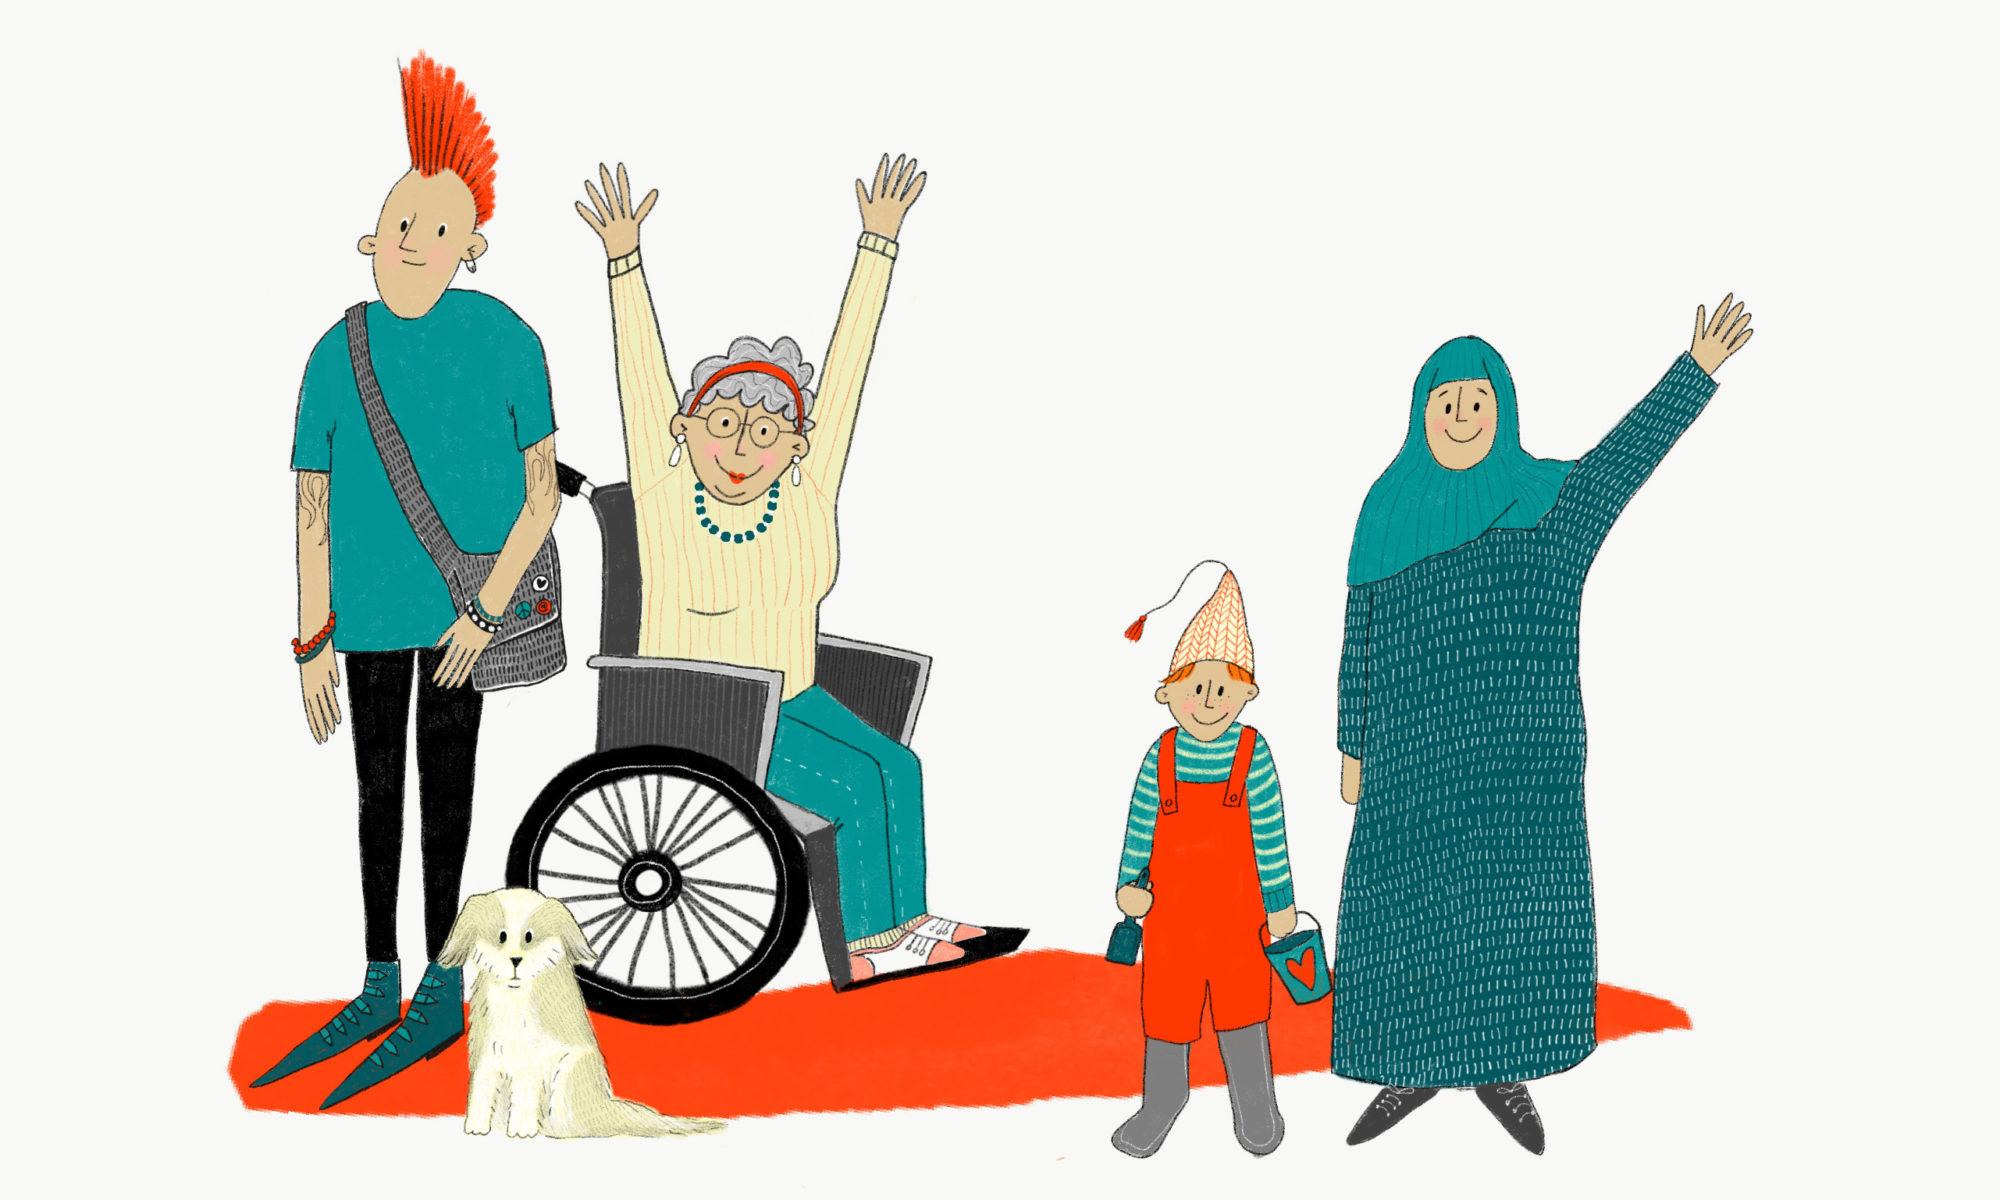 En tecknad illustration av en grupp om fyra personer av olika ålder, bakgrund och funktionsförmåga. De ser glada ut